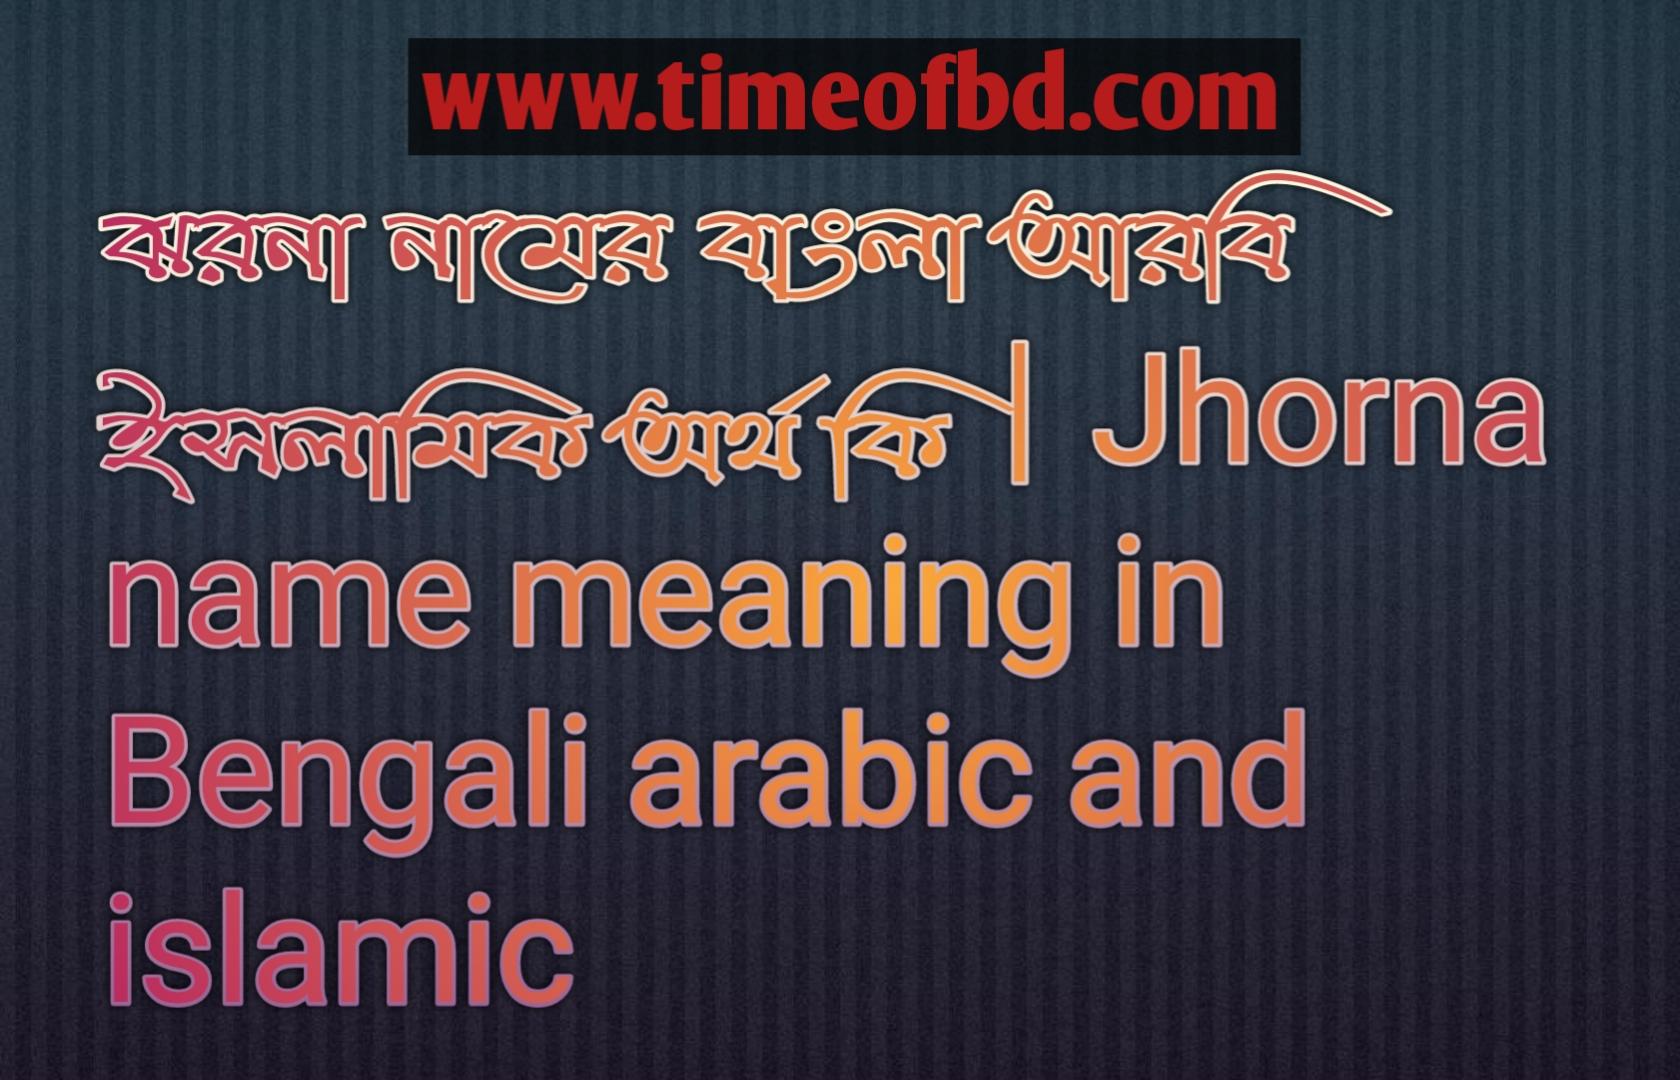 ডালিম নামের অর্থ কি, ডালিম নামের বাংলা অর্থ কি, ডালিম নামের ইসলামিক অর্থ কি, Dalim name meaning in Bengali, ডালিম কি ইসলামিক নাম,